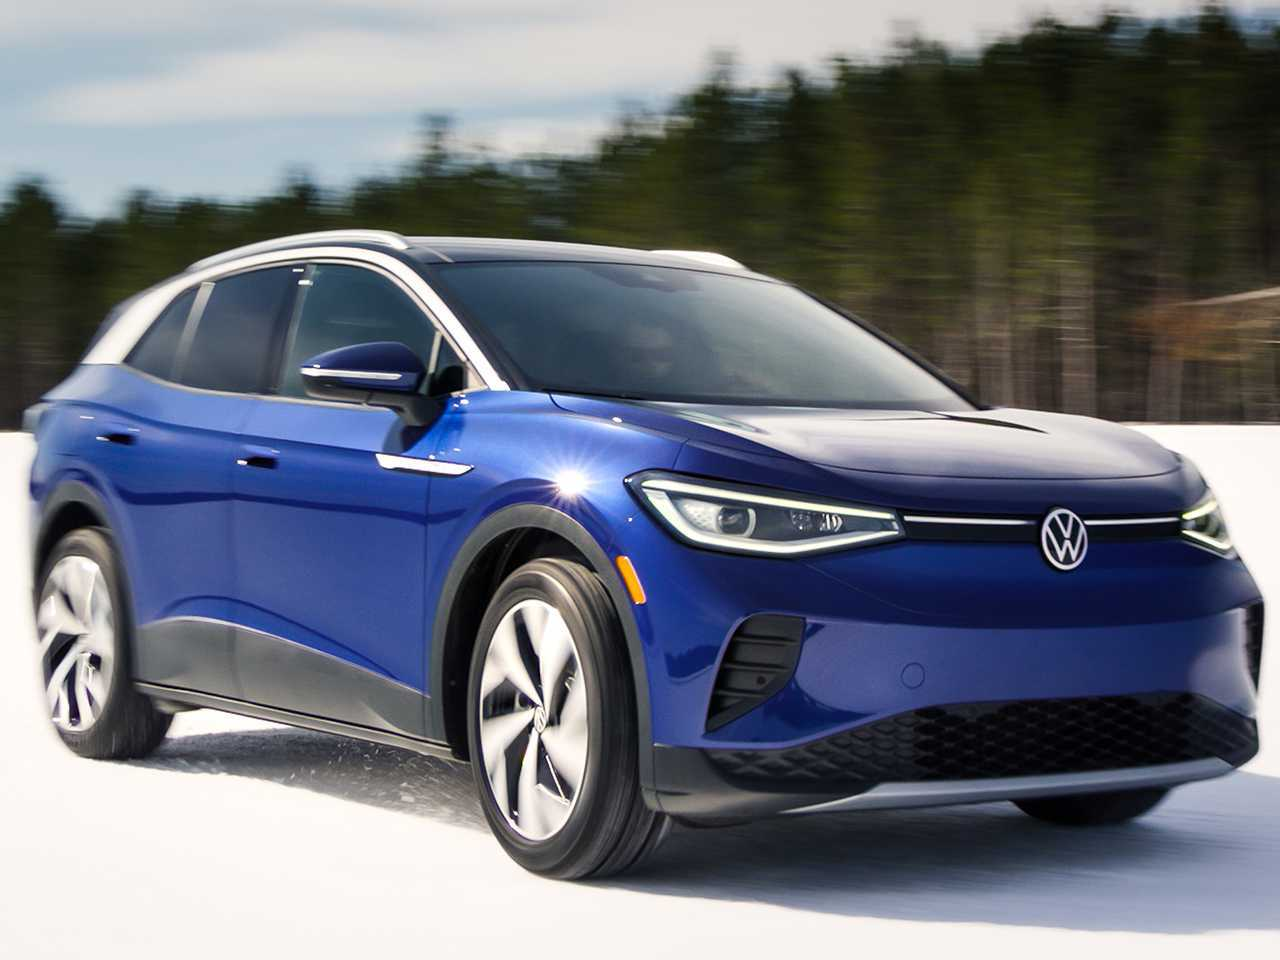 Acima o VW ID.4, elétrico que começou a ser vendido neste mês nos EUA